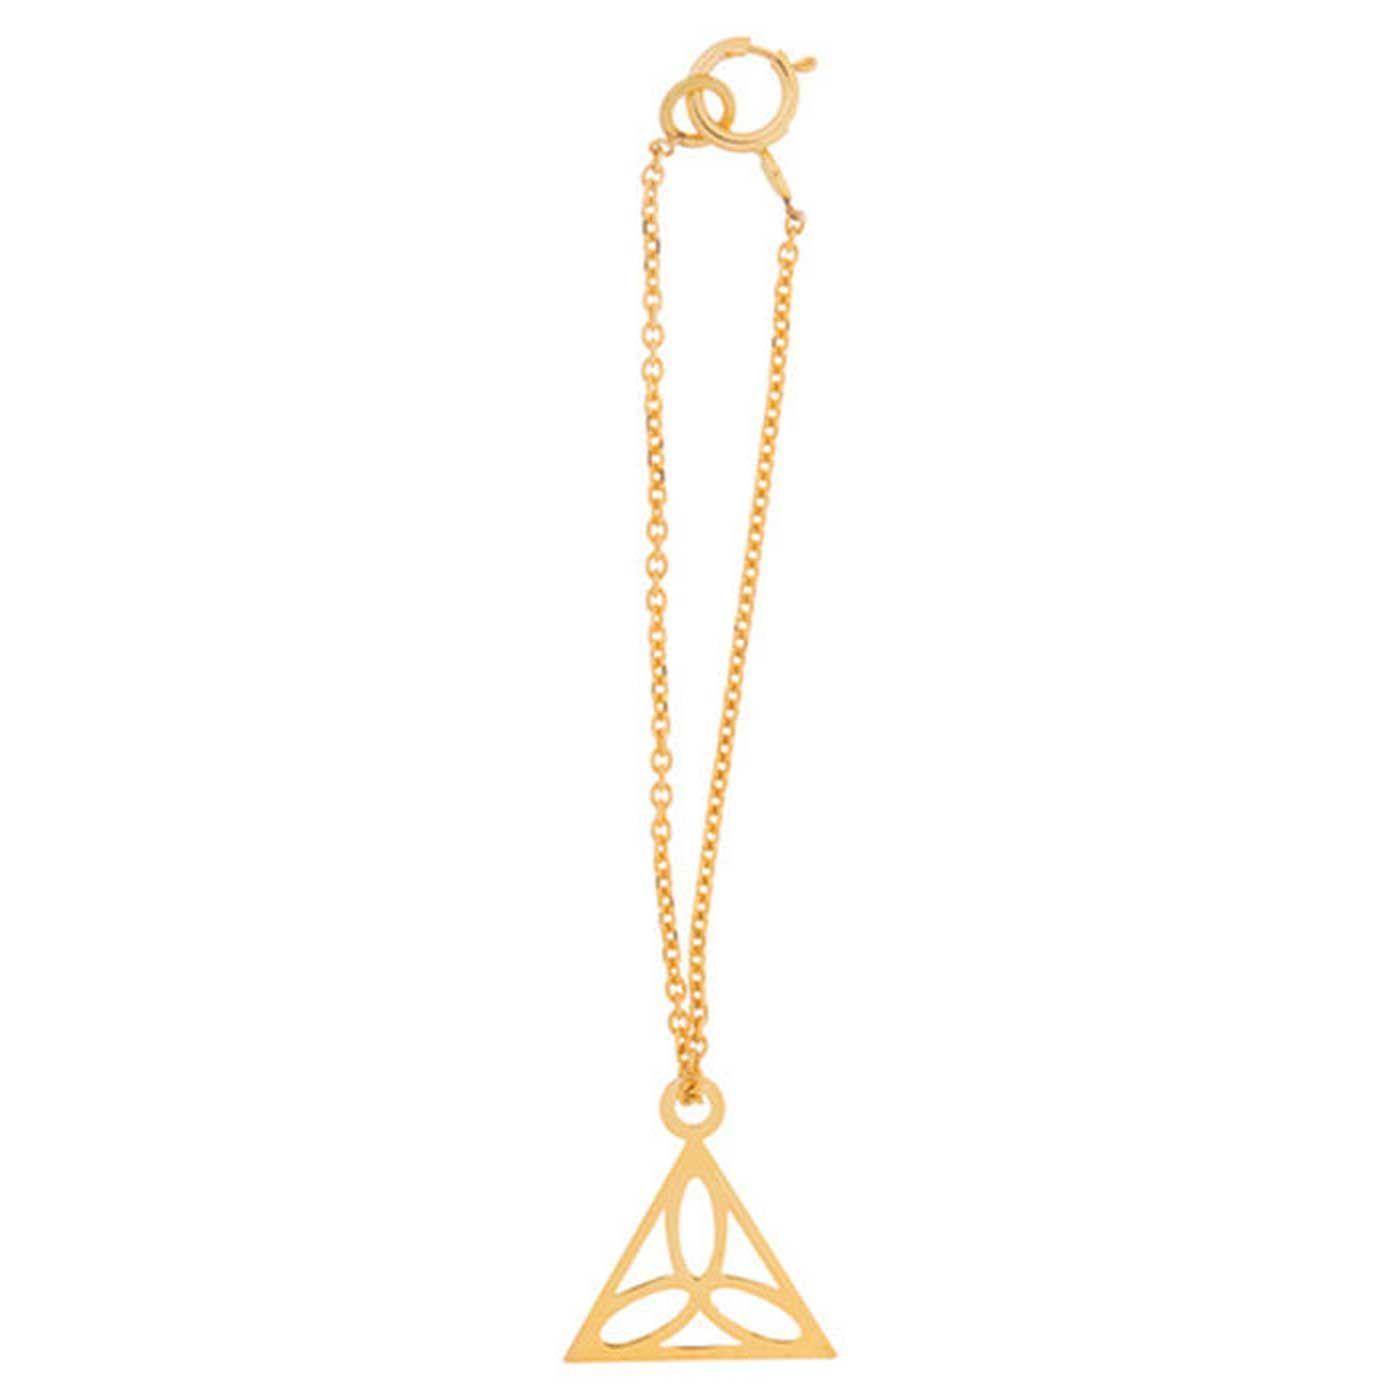 آویز ساعت طلا 18 عیار زنانه کانیار گالری کد AS35 -  - 2